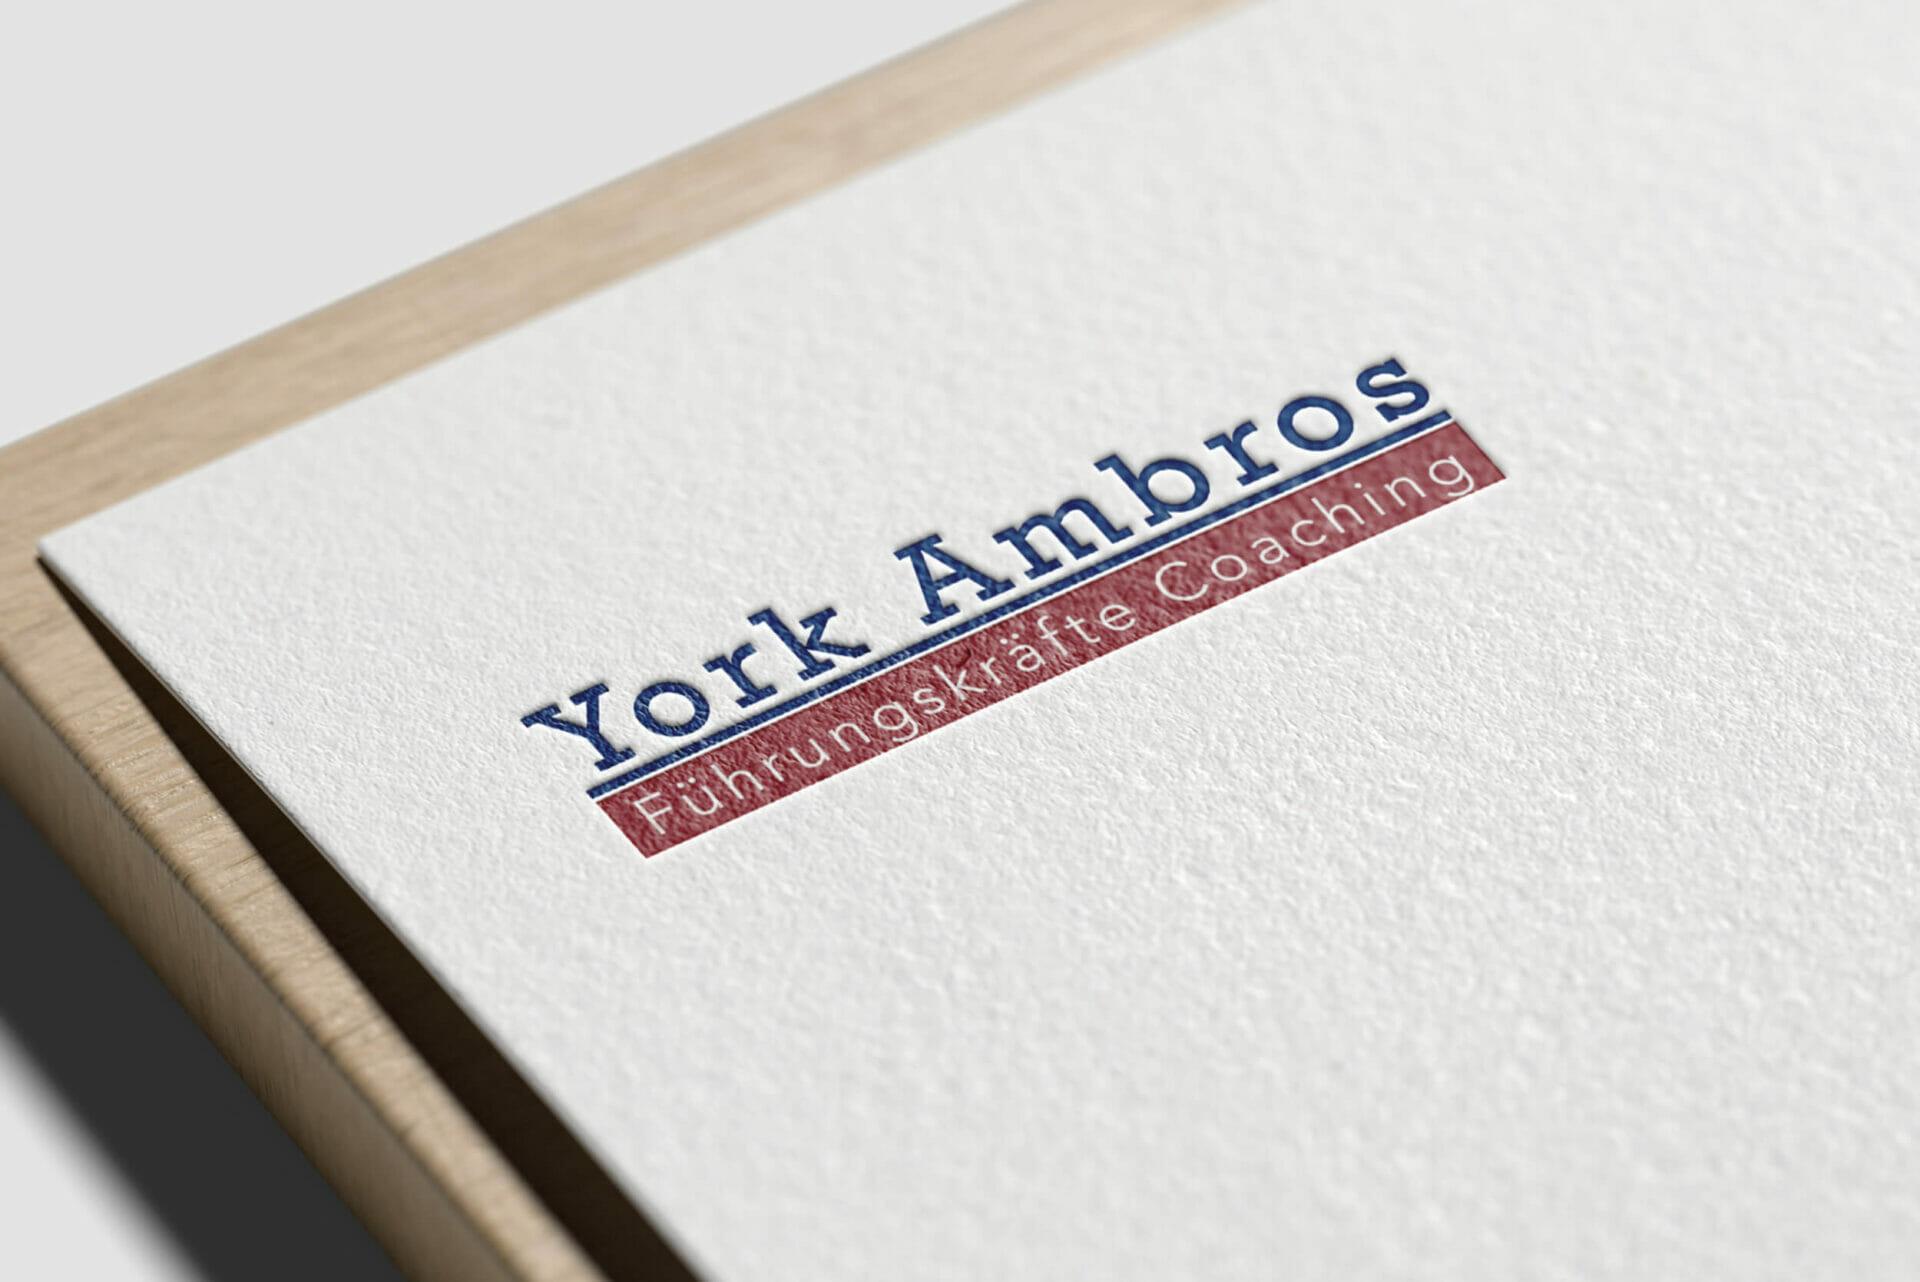 Logodesign der Firma York Ambros auf Geschäftspapier